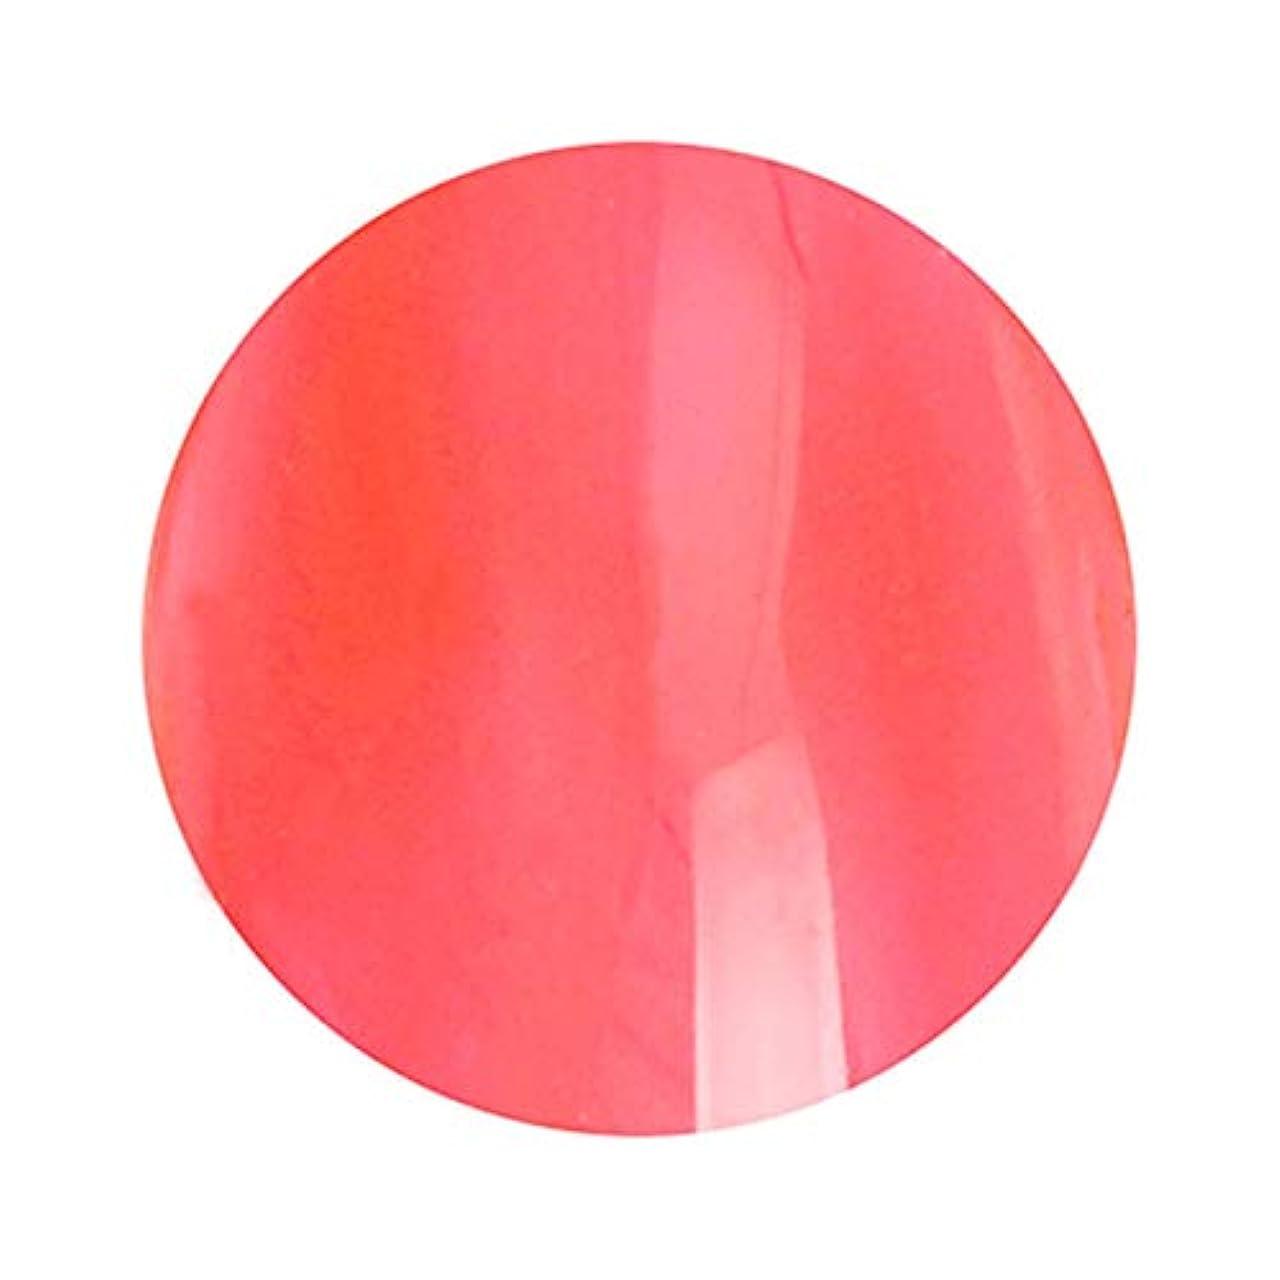 対応調停者モードT-GEL COLLECTION ティージェルコレクション カラージェル D237 クリアレッド 4ml